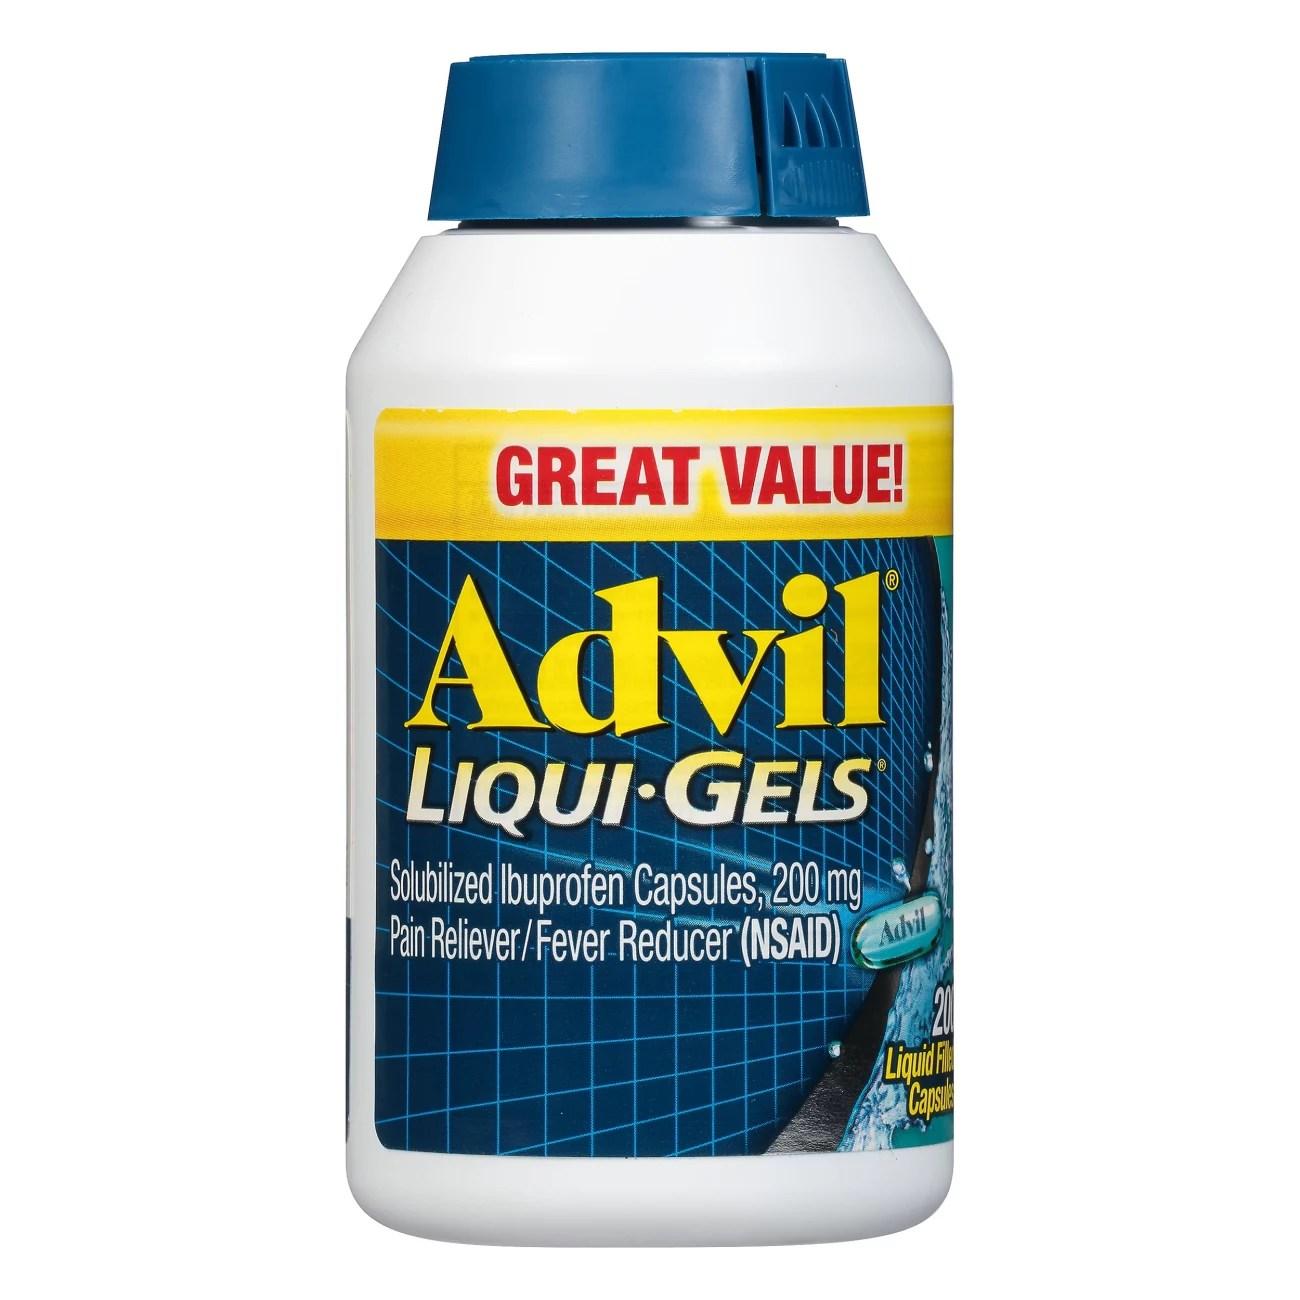 Advil Liqui-Gels Temporary Pain Relief Ibuprofen Liquid ...